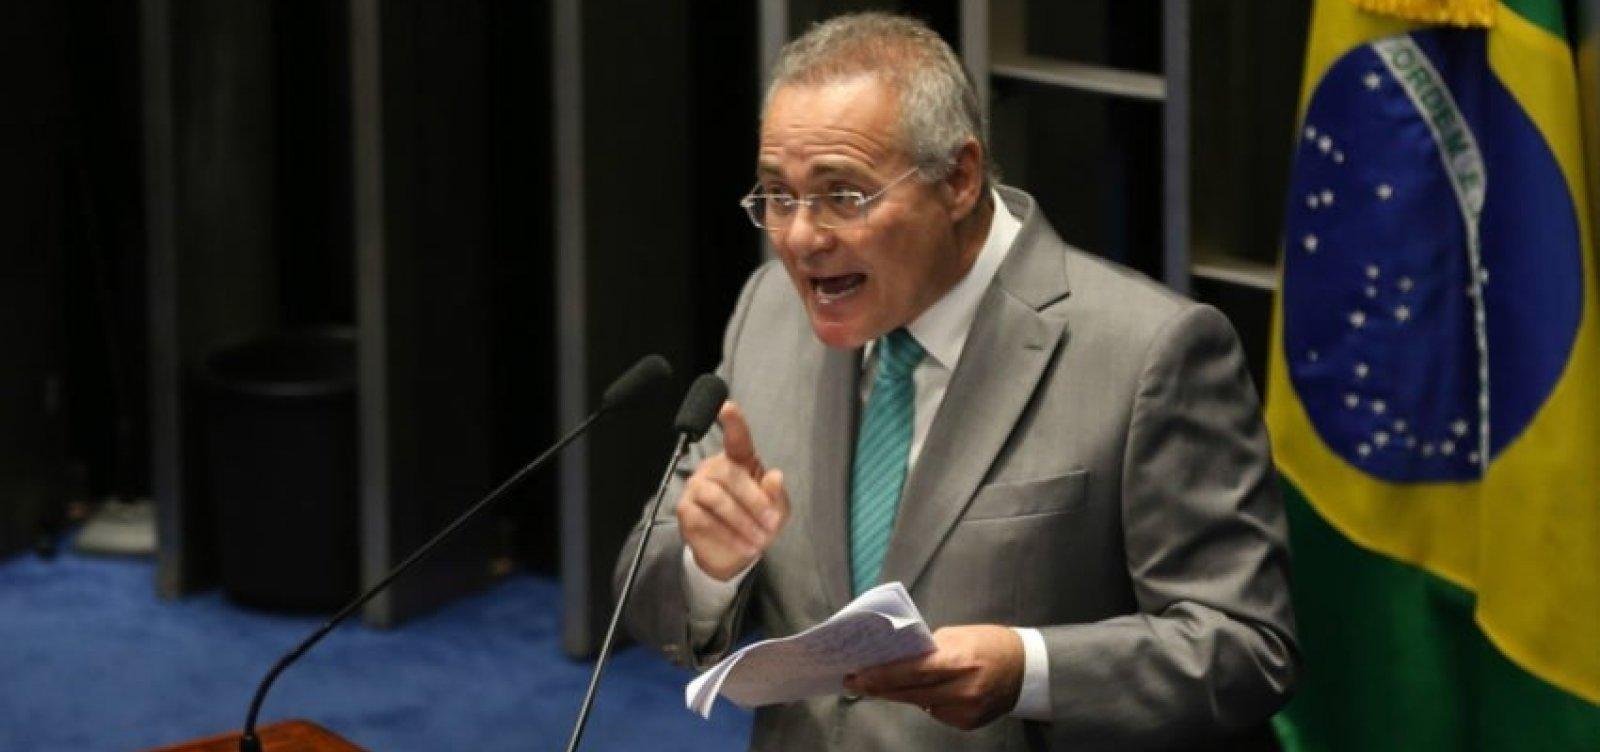 Renan Calheiros defende anistia de hackers que vazaram conversas de Moro na Operação Lava-Jato